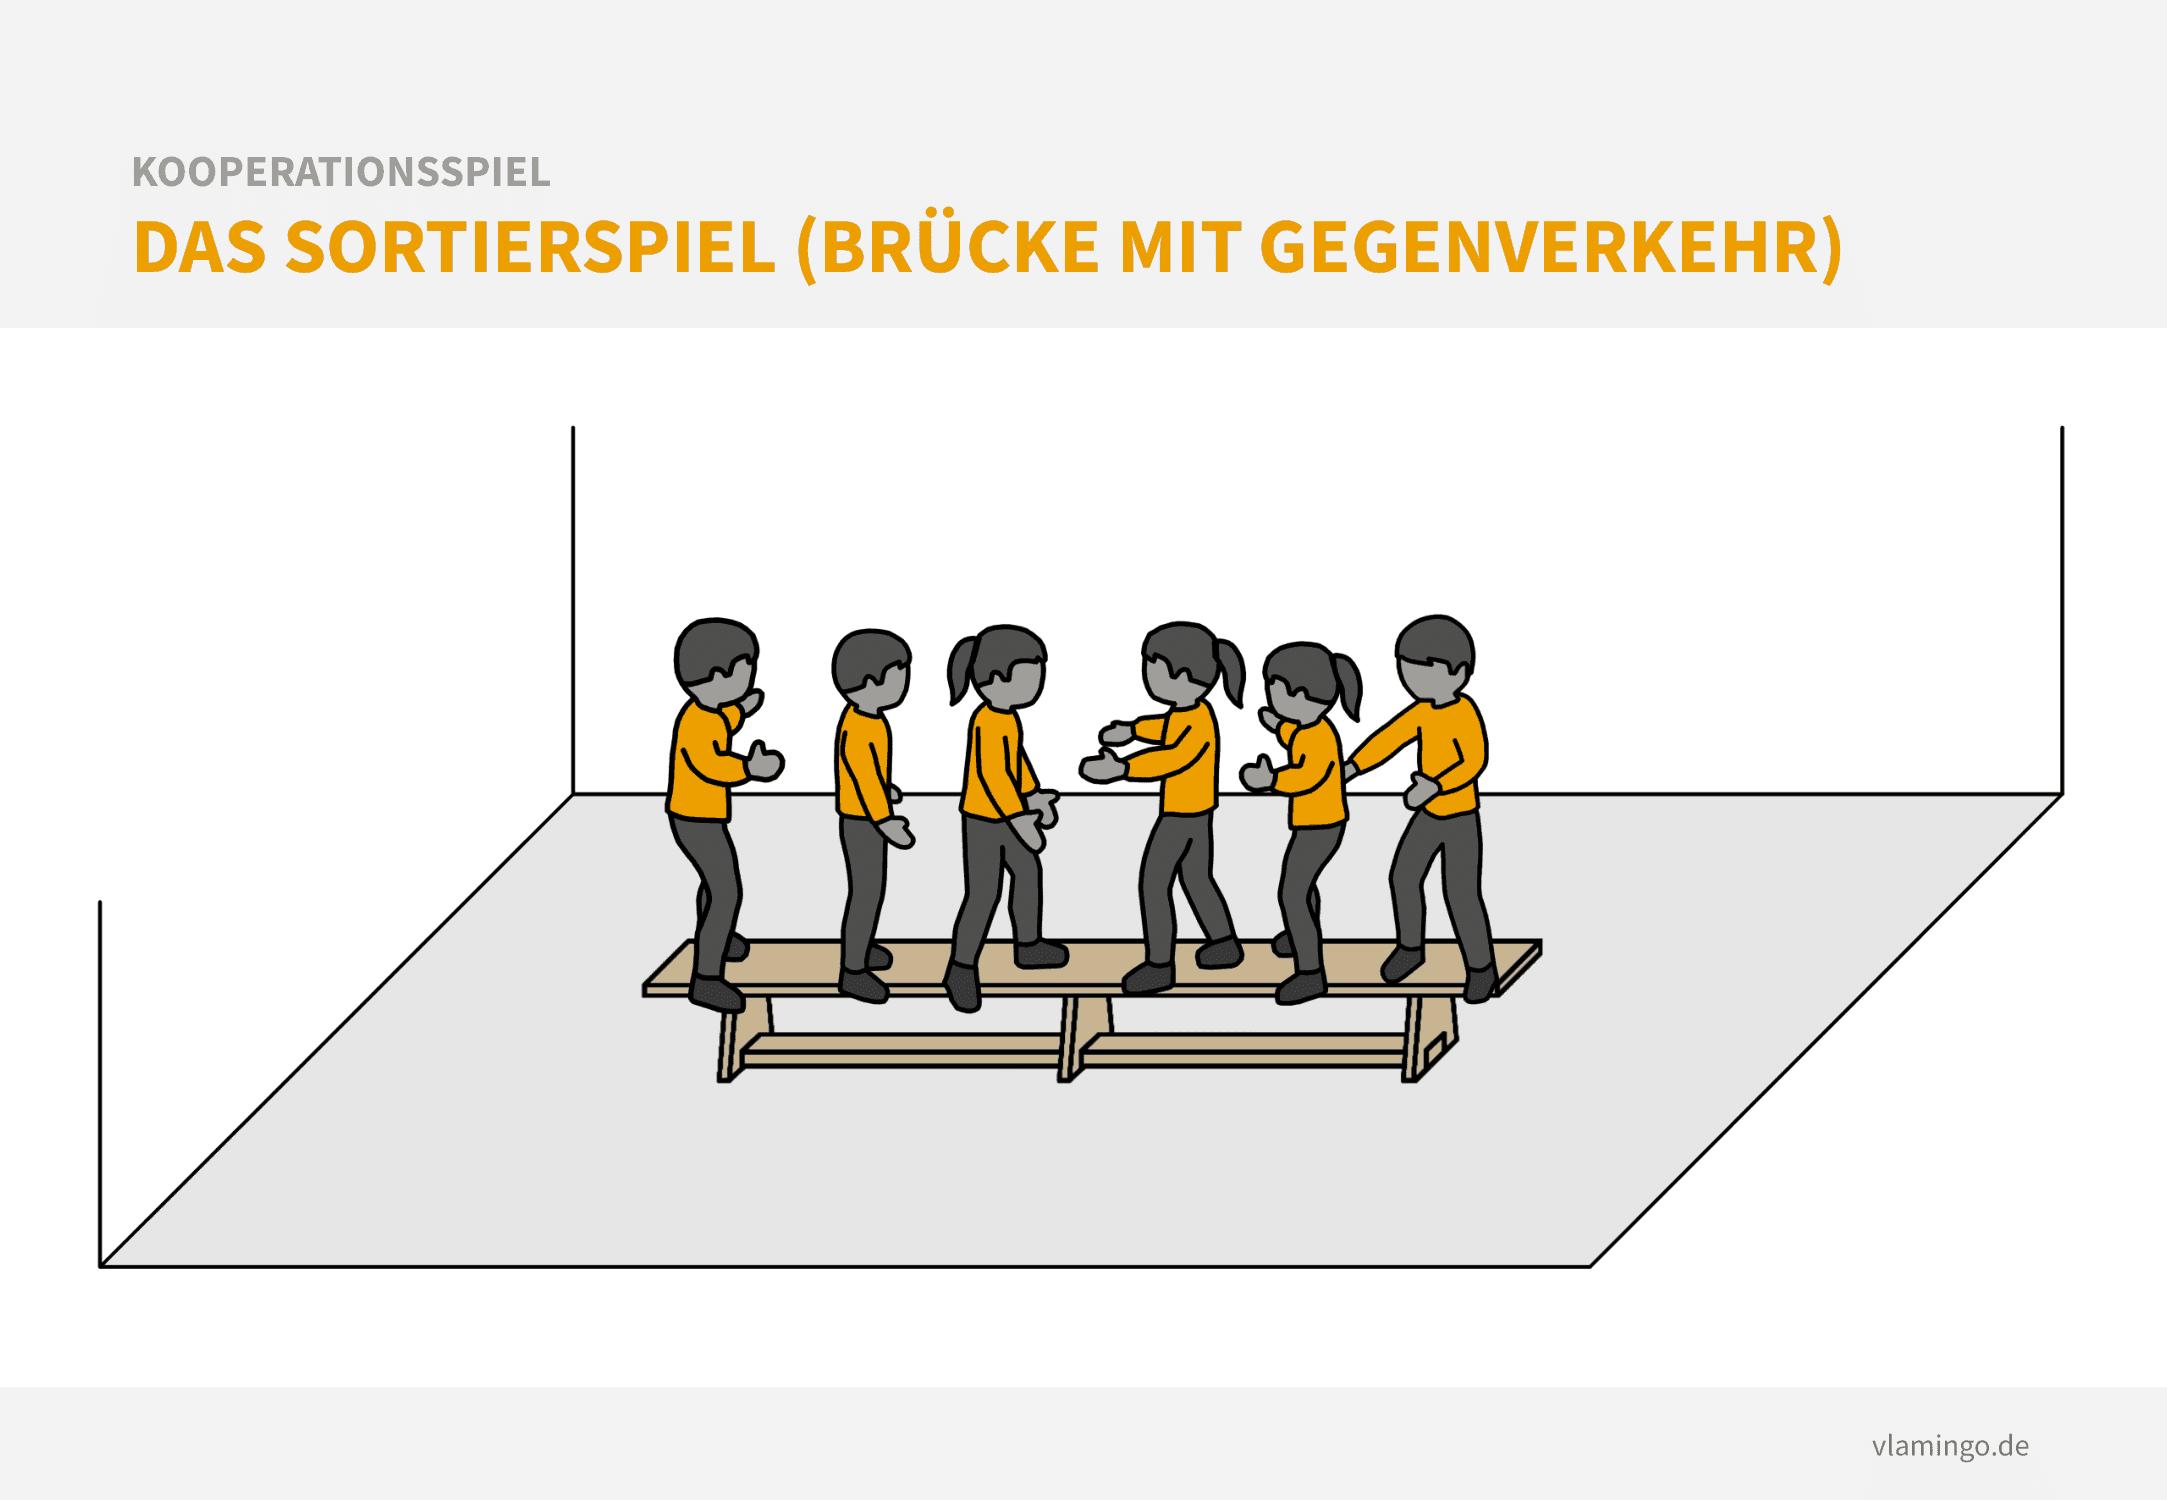 Kooperationsspiel: Das Sortierspiel - Brücke mit Gegenverkehr